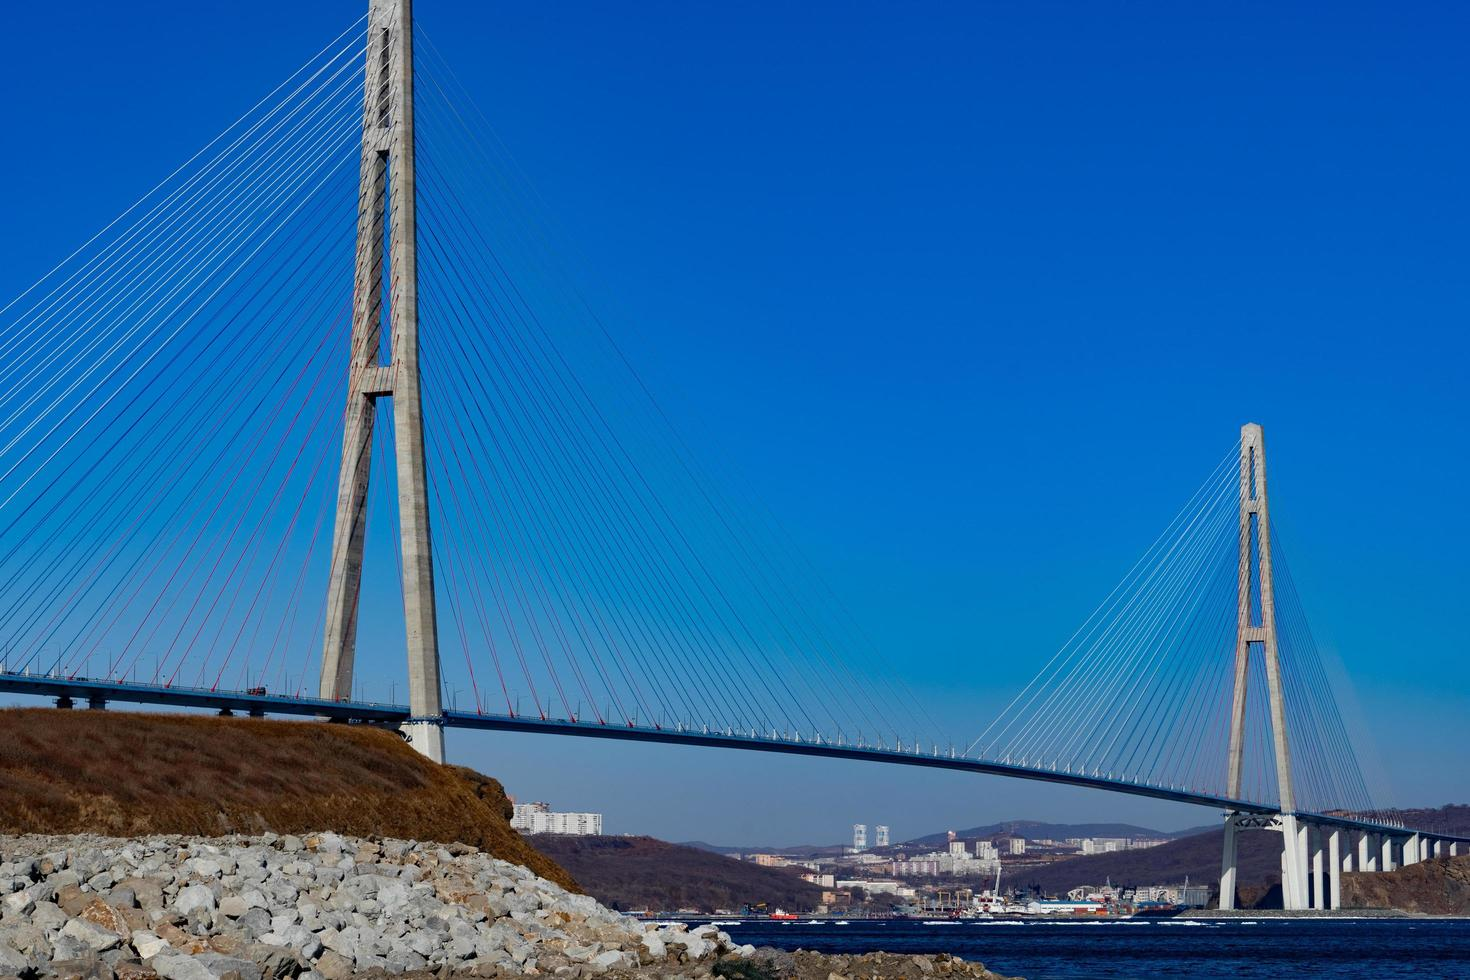 zolotoy brug met heldere blauwe hemel in Vladivostok, Rusland foto